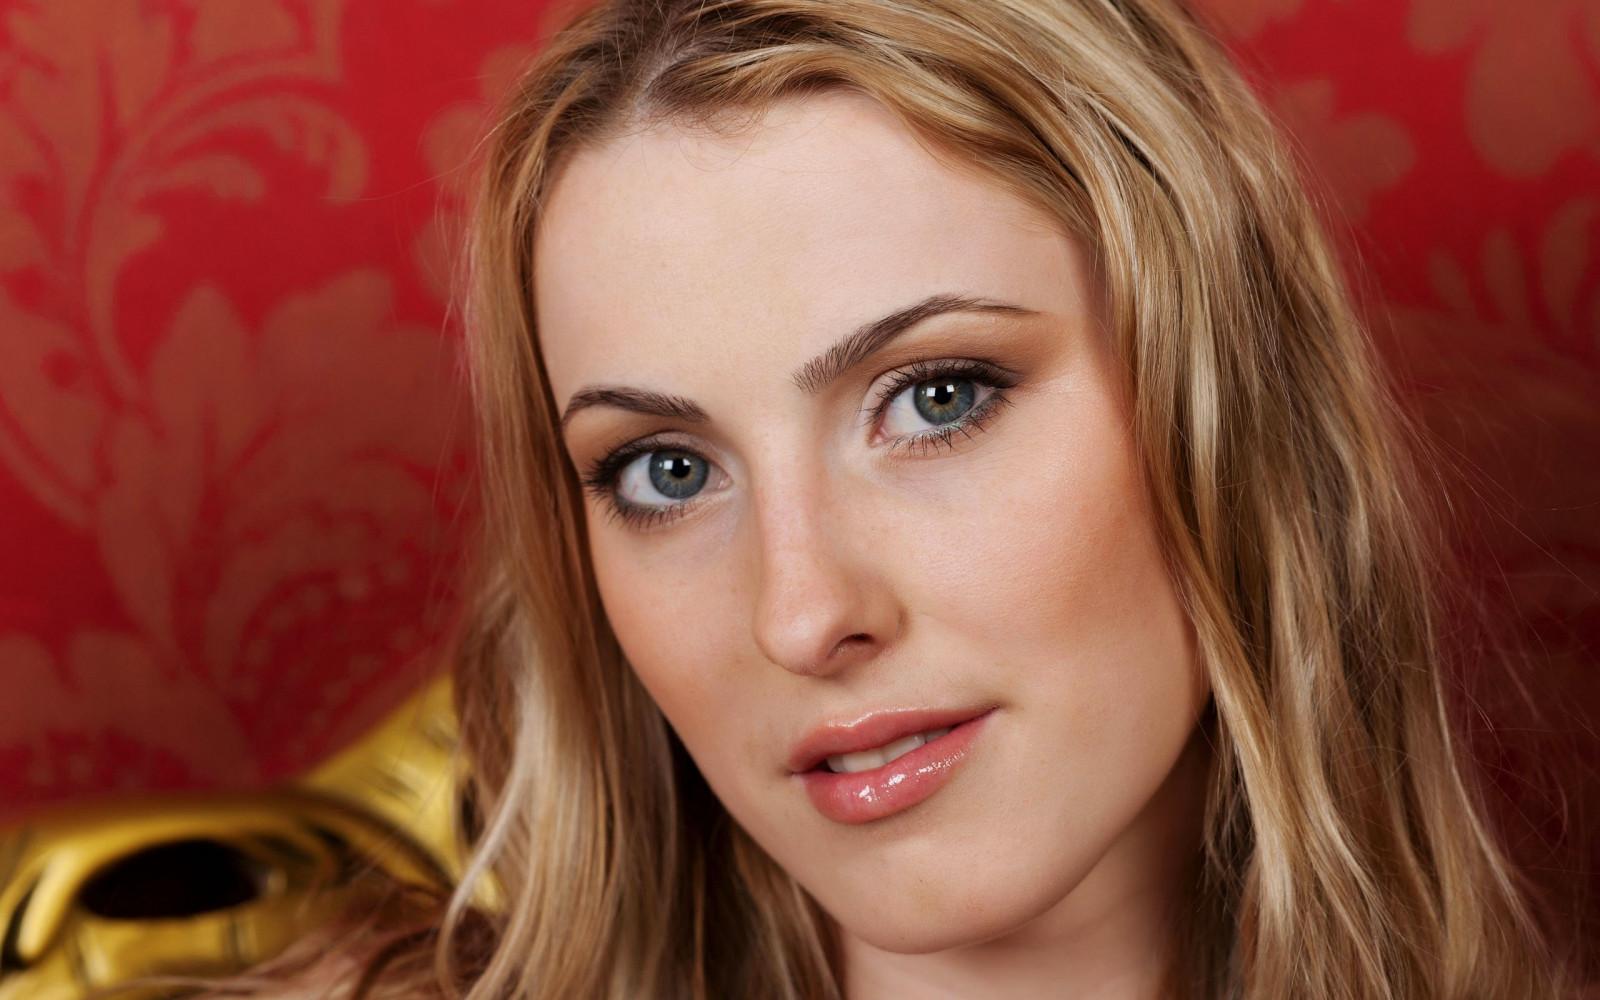 Hintergrundbilder : blond, Mädchen, blaue Augen 2560x1600